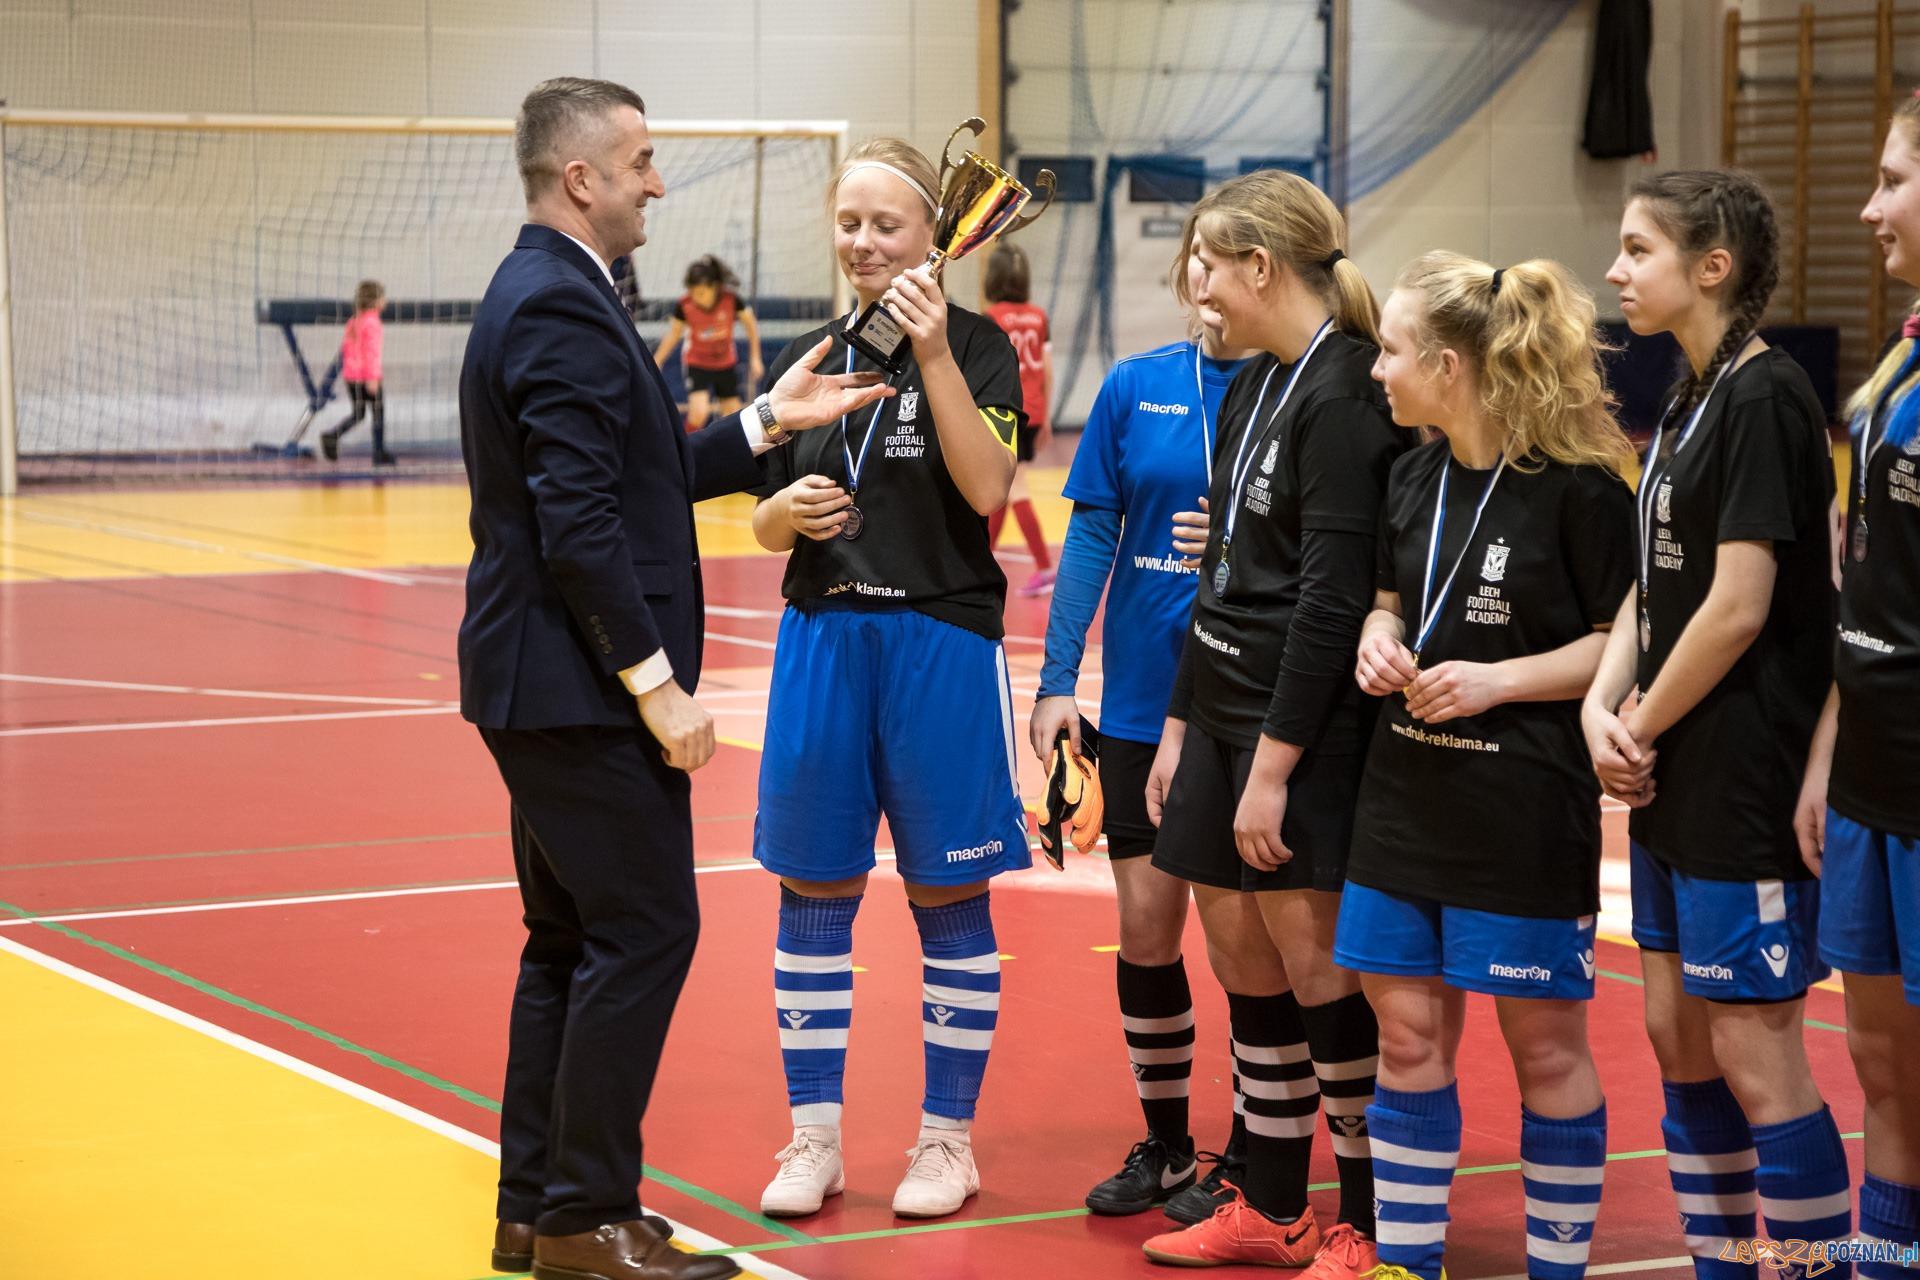 Halowe Mistrzostwa Wielkopolski w piłce nożnej dziewcząt  Foto: Michał Kościelak